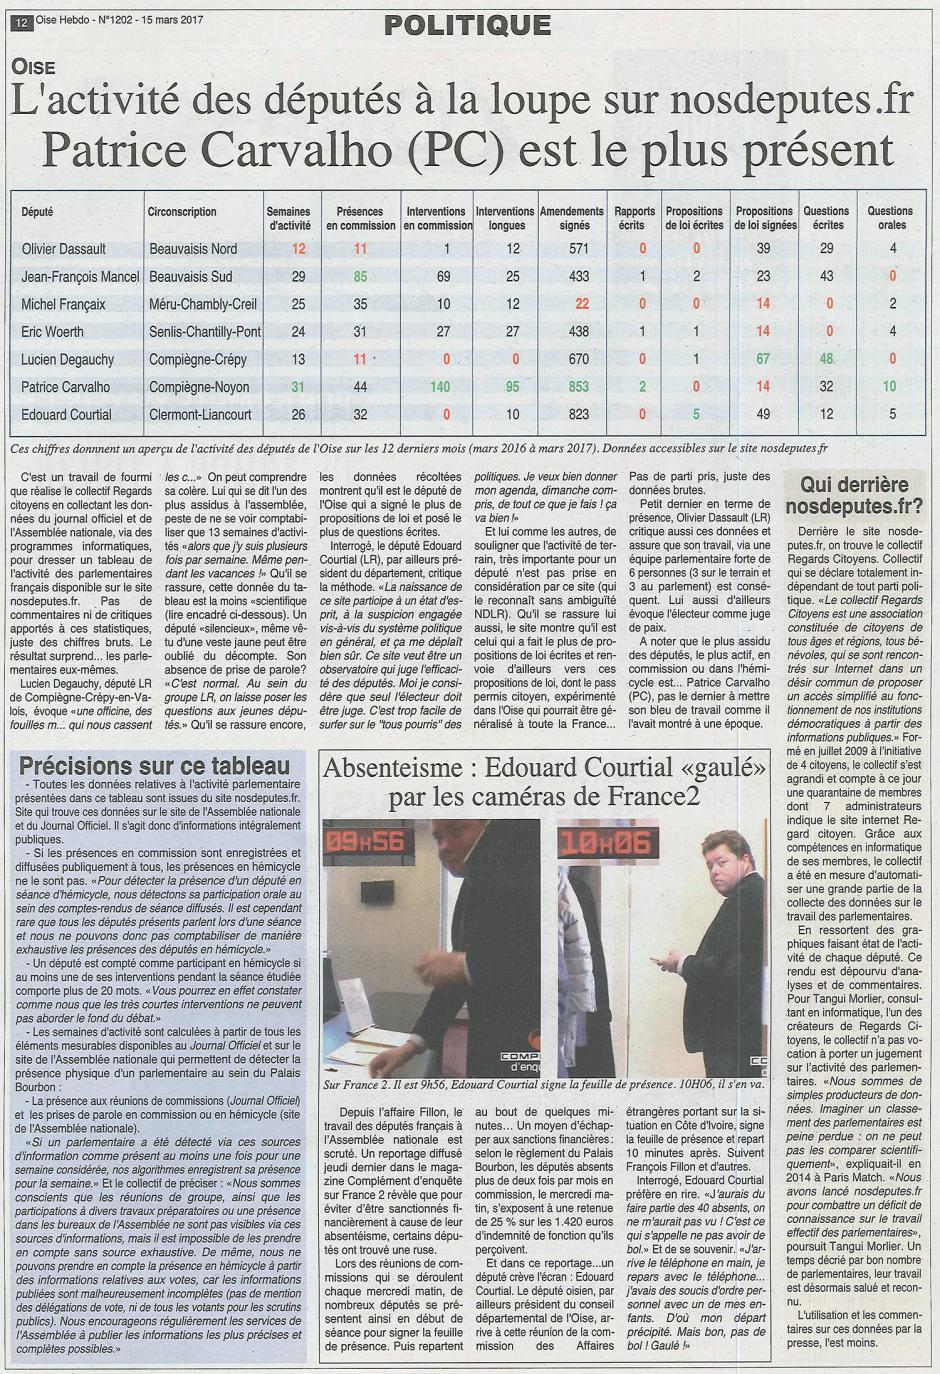 20170315-OH-France-L'activité des députés de l'Oise : Patrice Carvalho (PCF) est le plus présent [à l'Assemblée nationale]